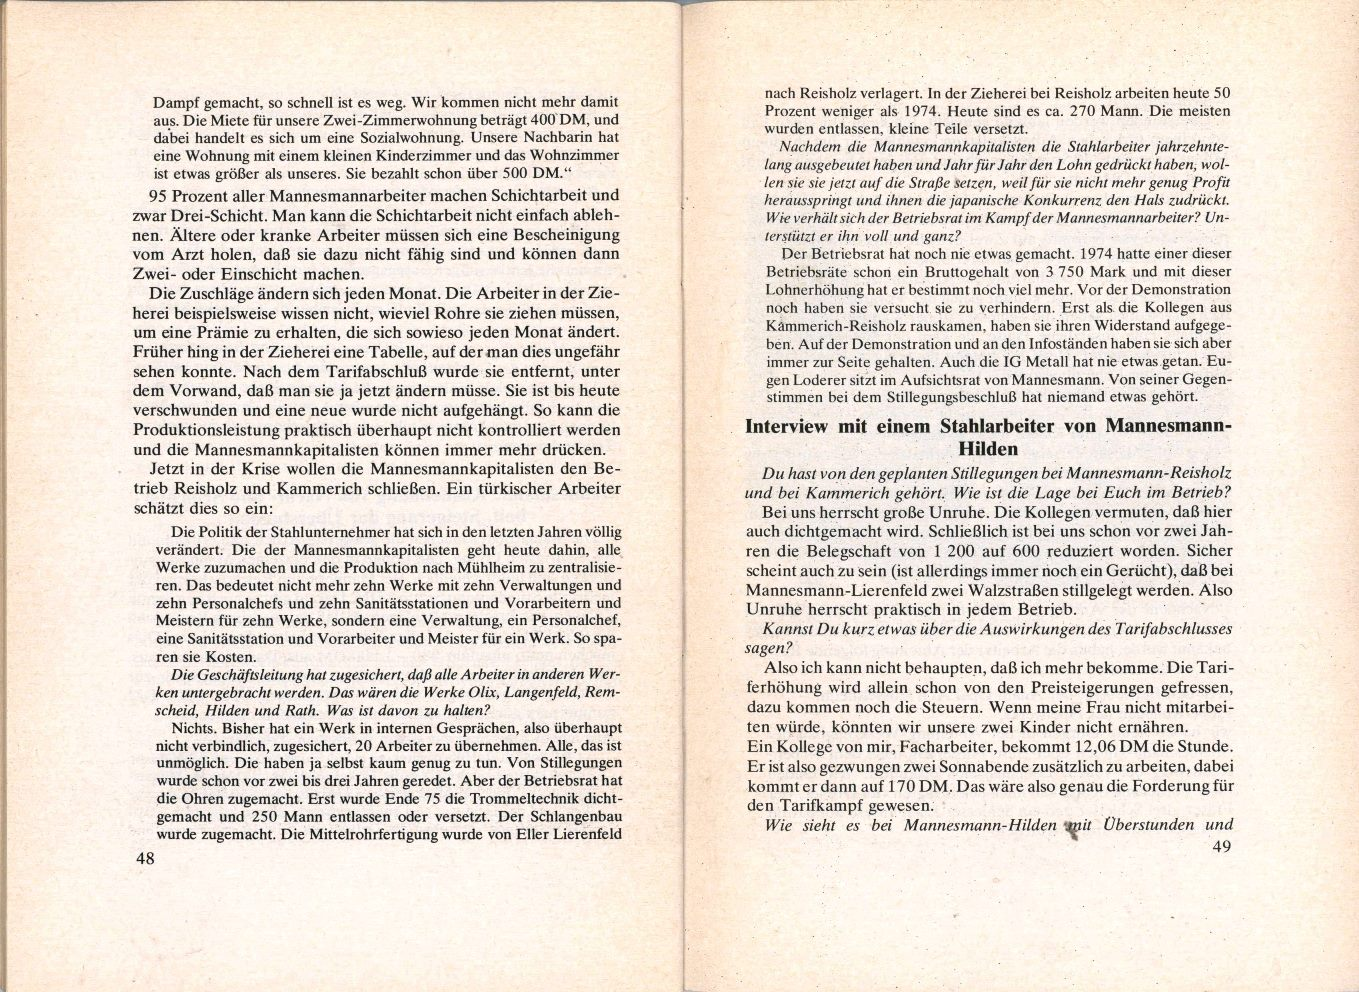 IGM_KBW_Krise_in_der_Stahlindustrie_1977_26